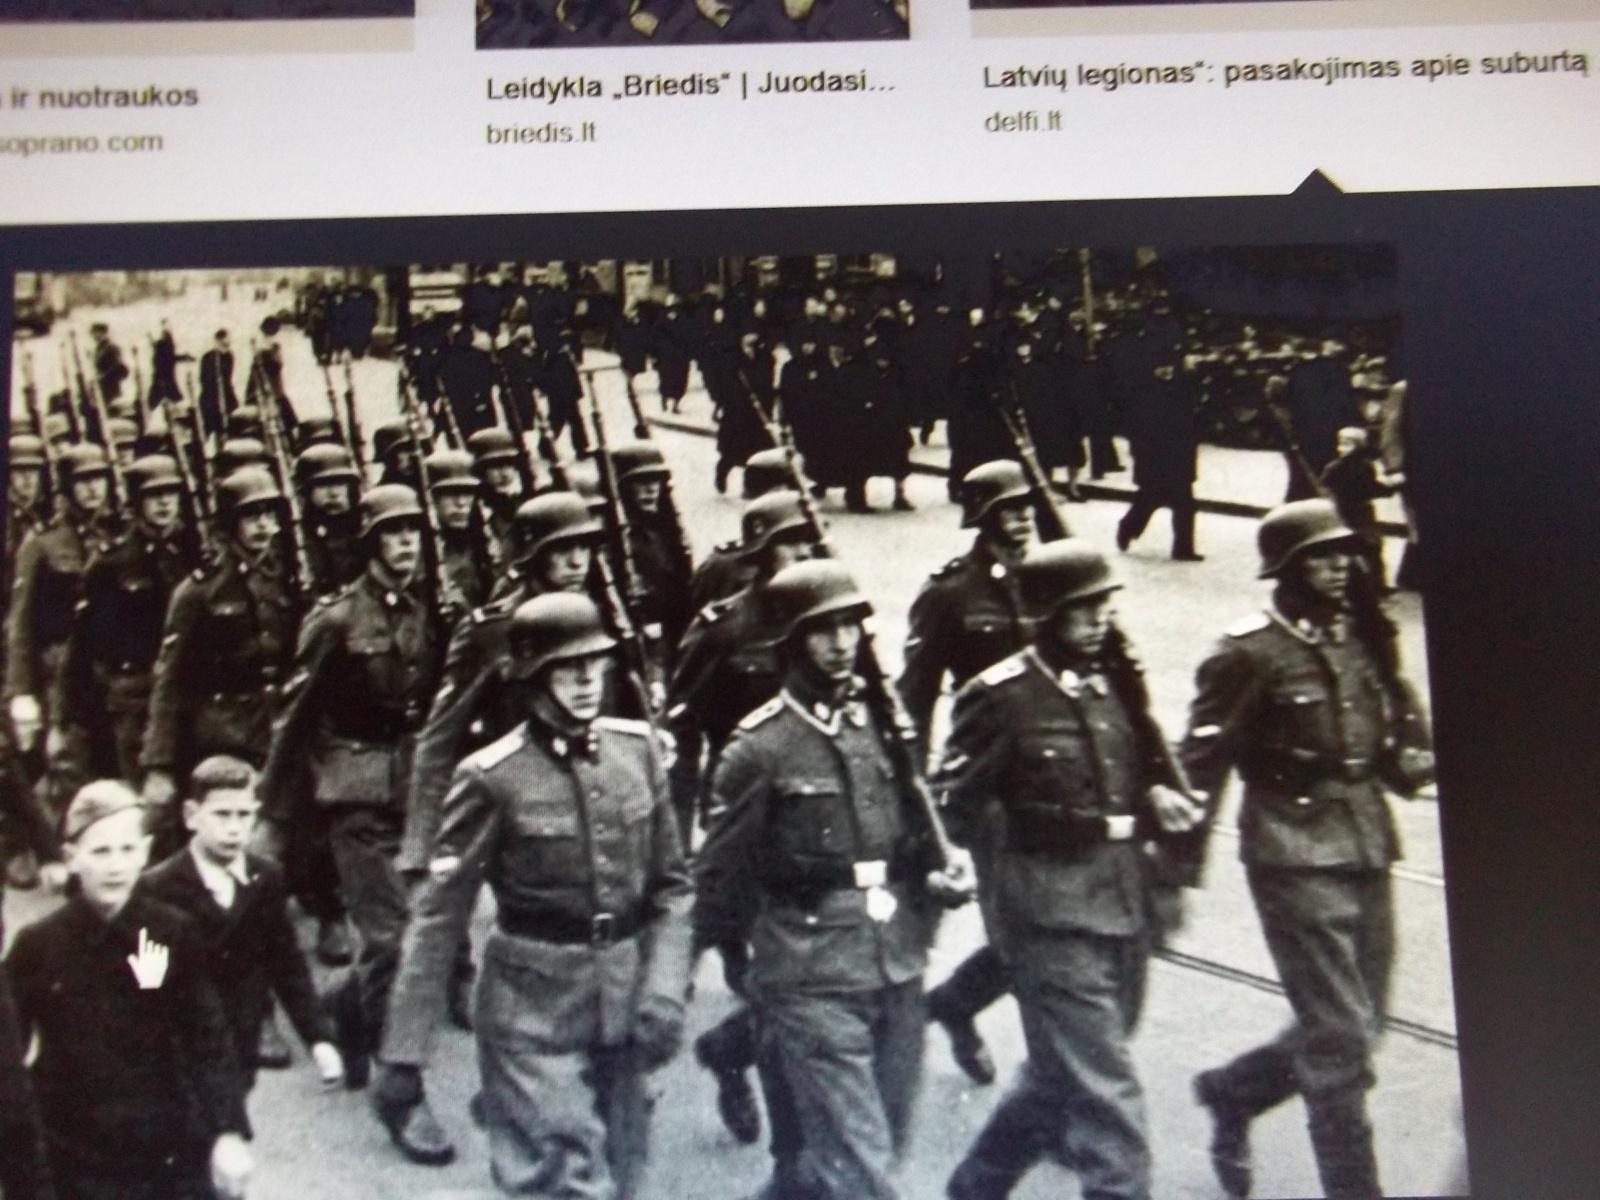 Gyvenimas vokiečių okupacijoje